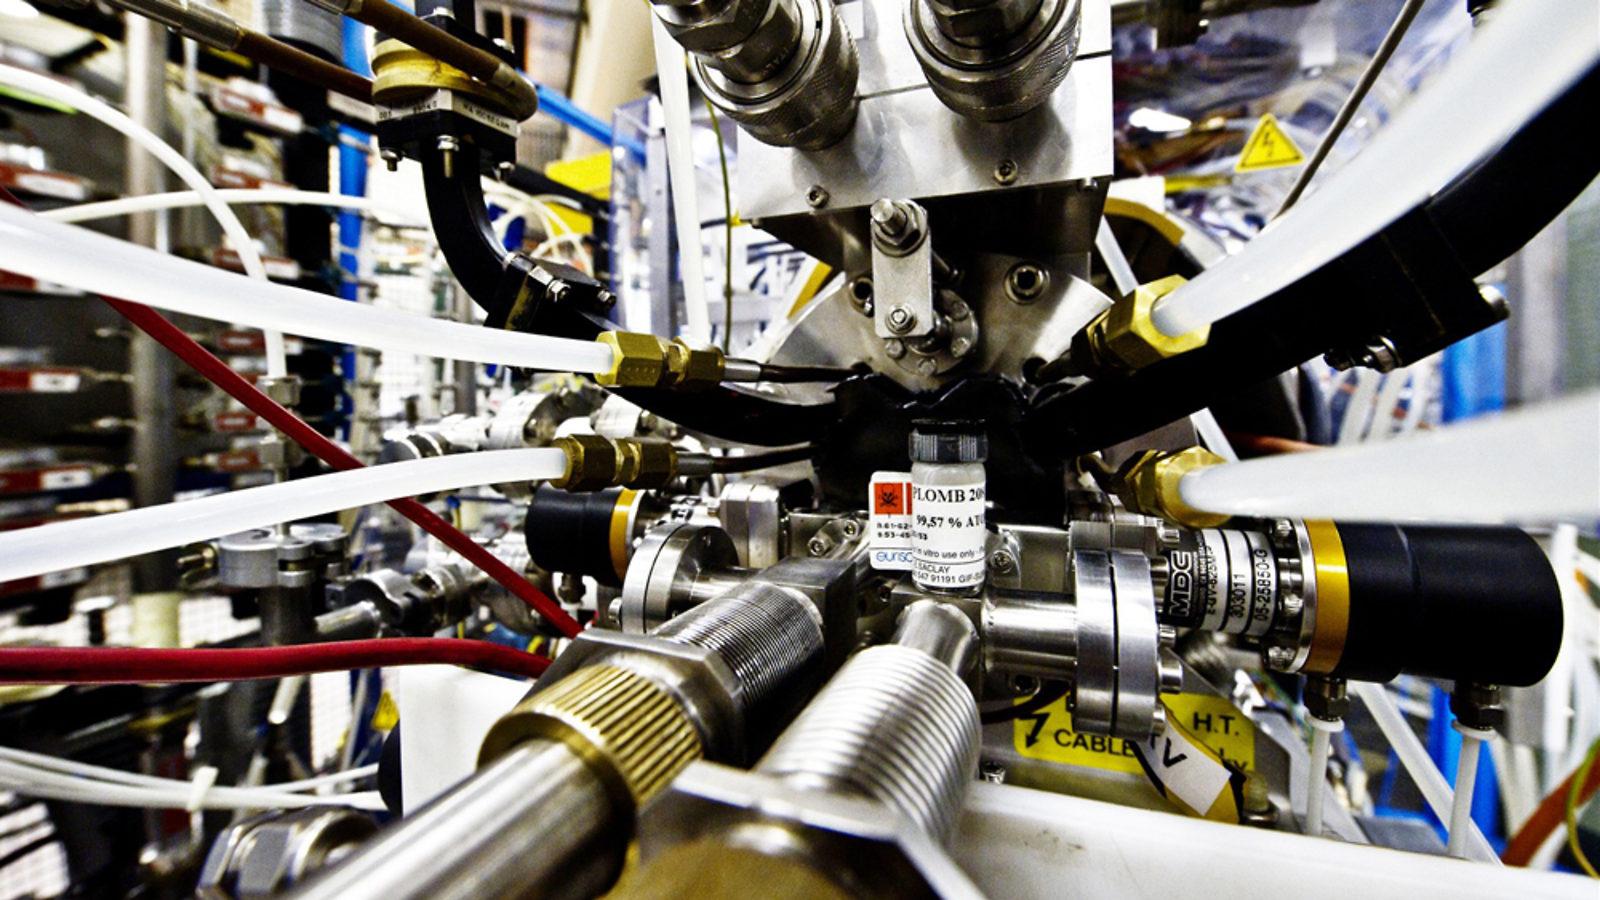 Photo of Linac 3 at CERN